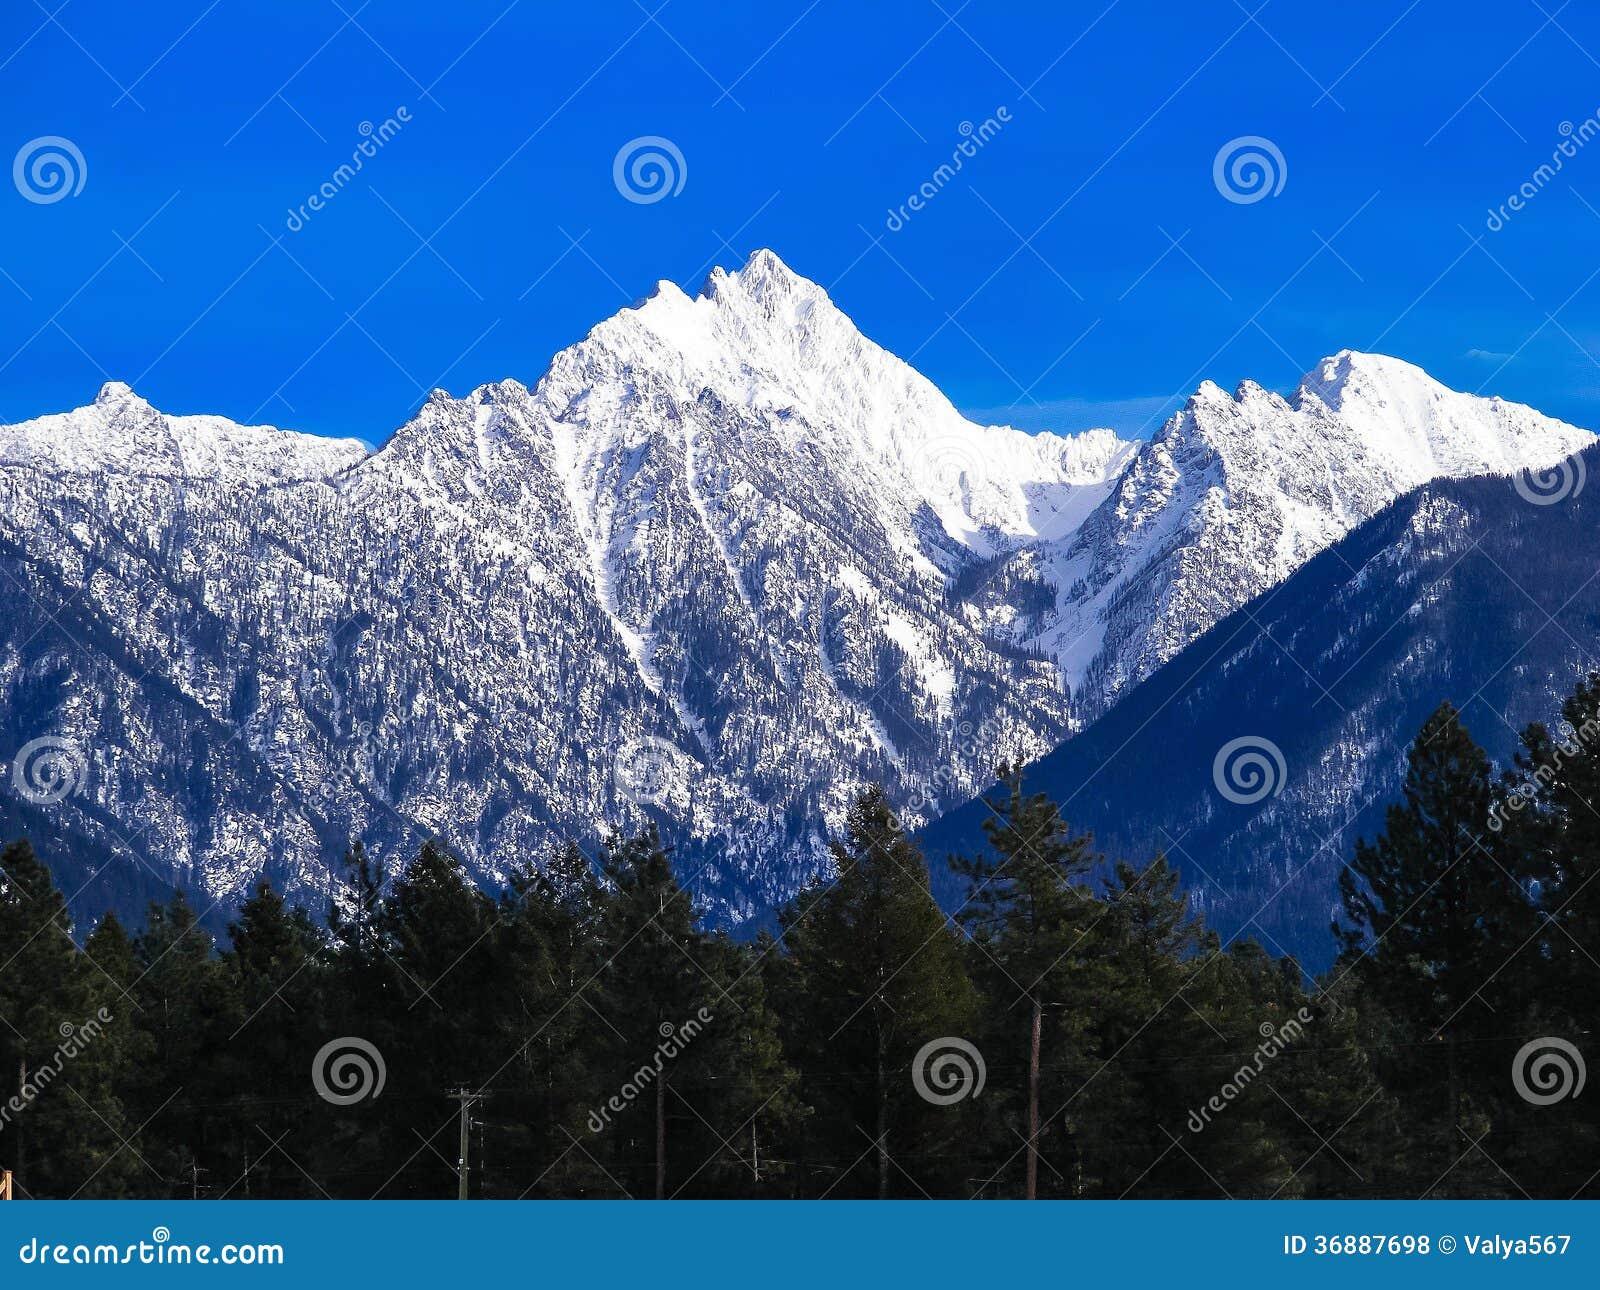 Download Montagne Rocciose fotografia stock. Immagine di greatness - 36887698